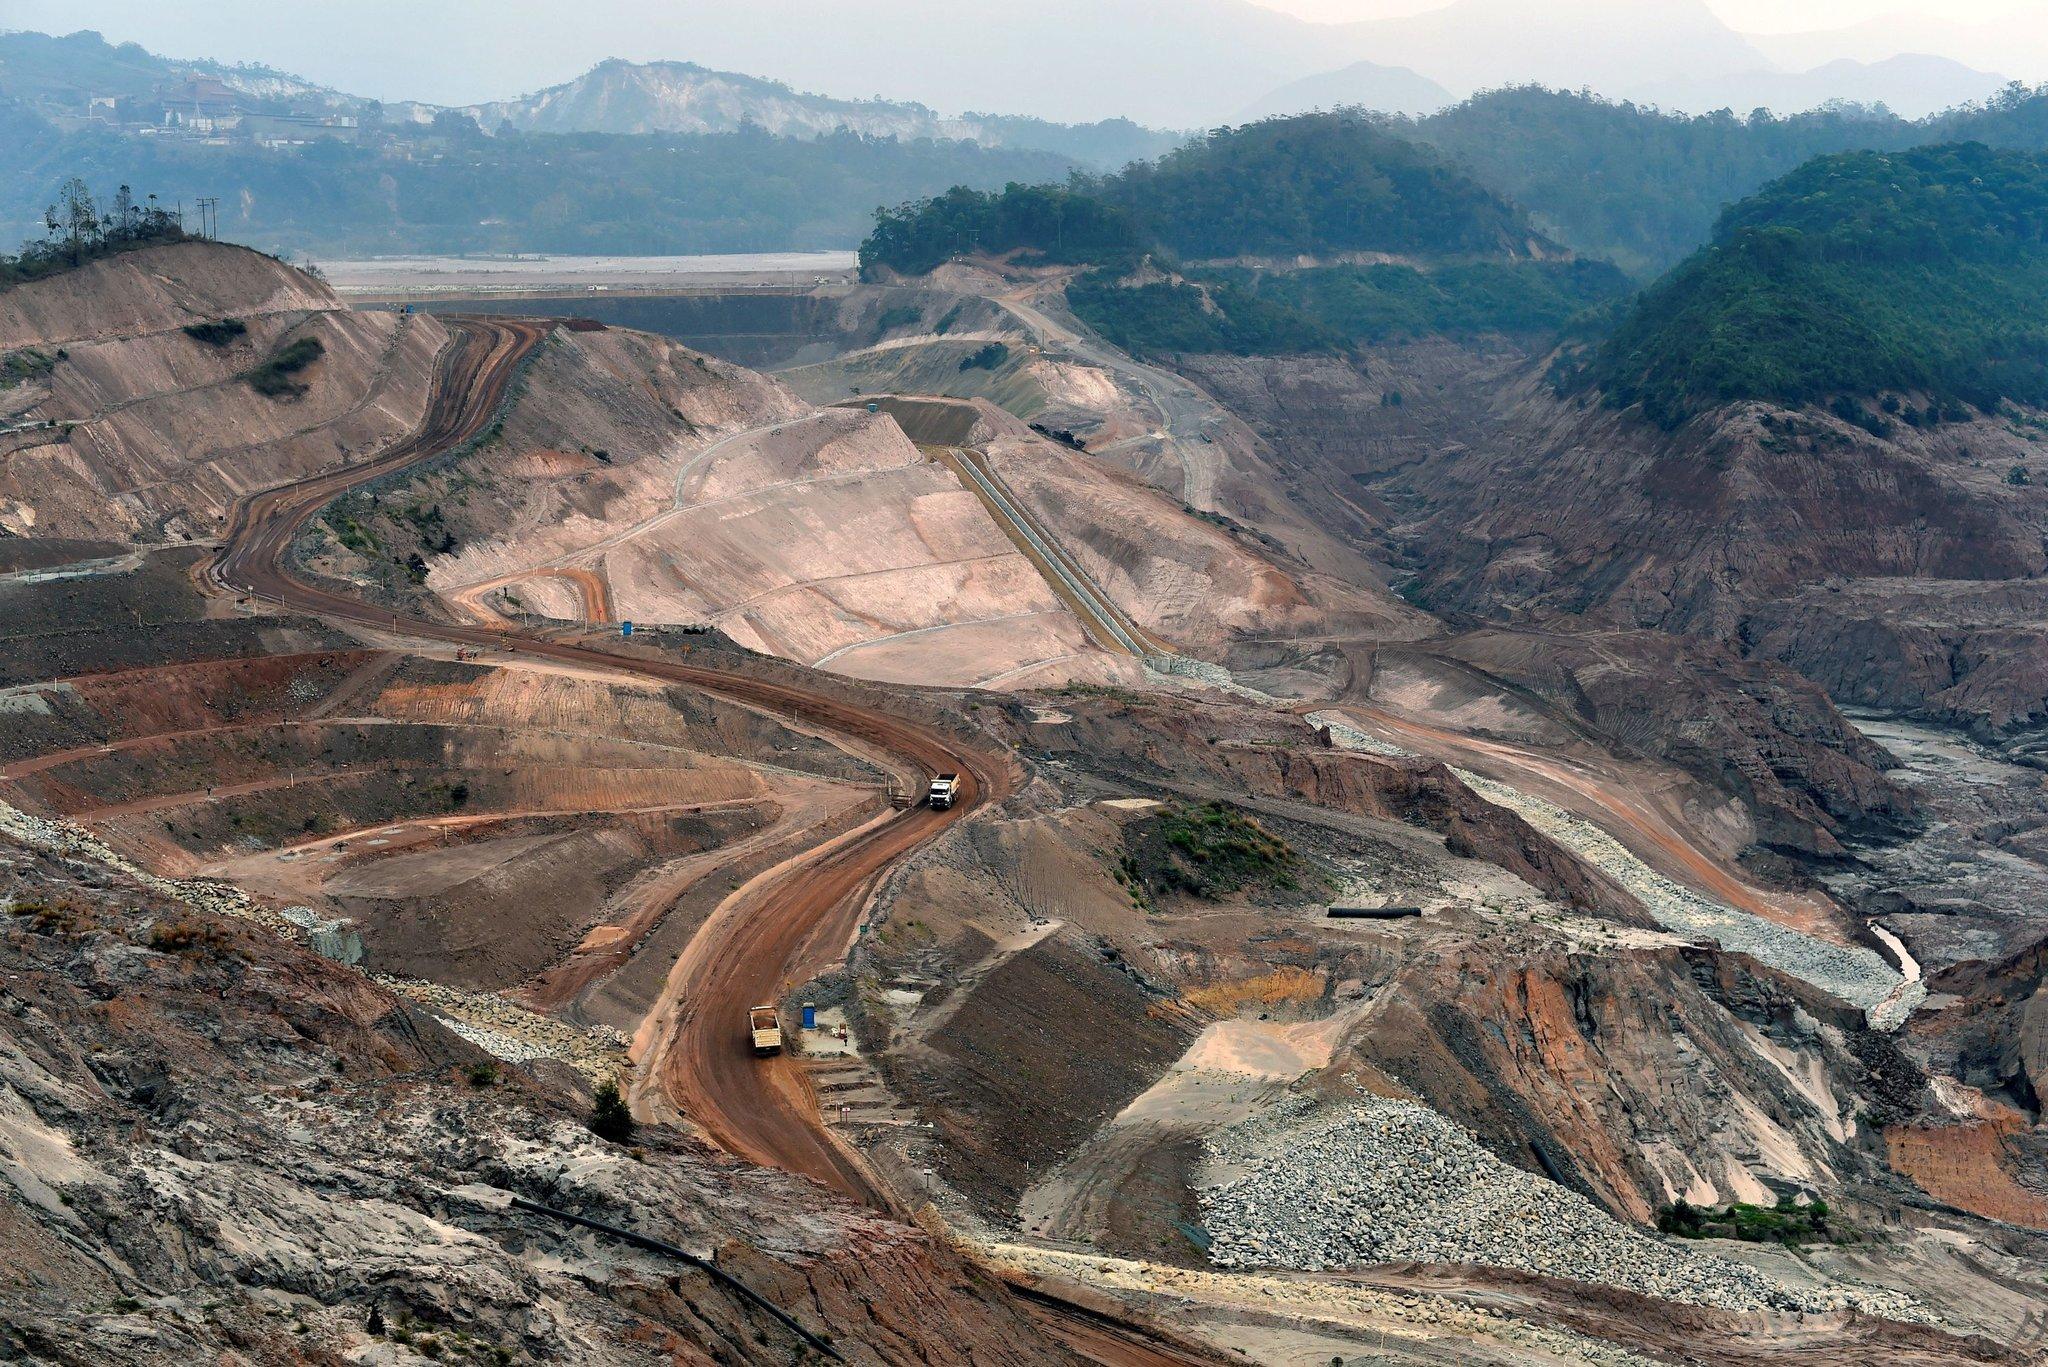 استخراج مواد معدنی توسط شرکت Billiton BHP